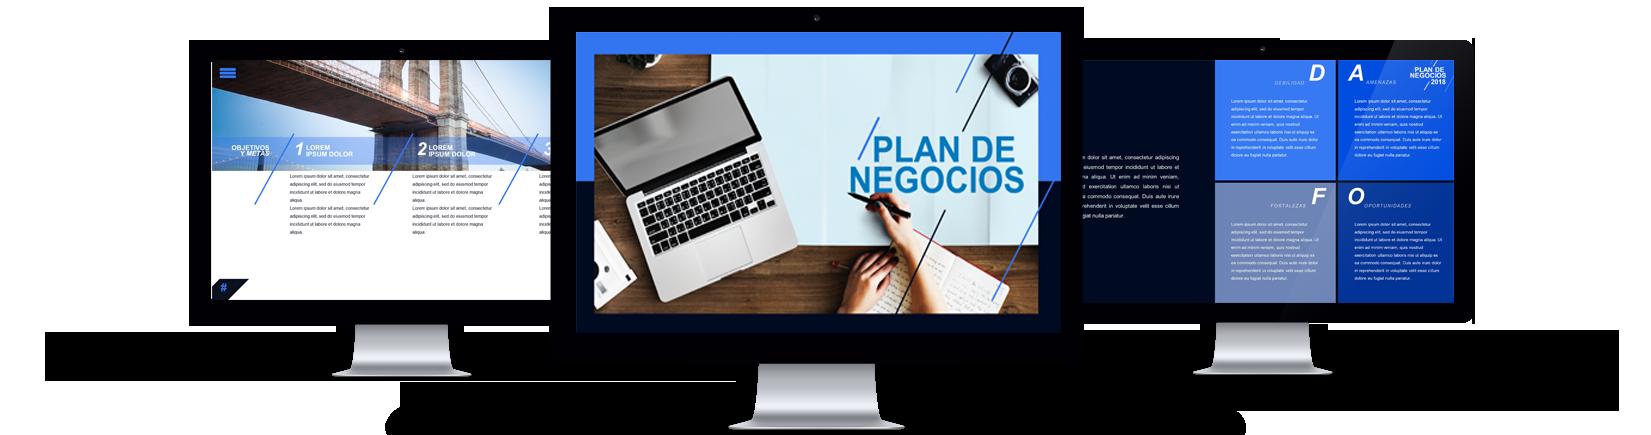 plan de negocios ppt